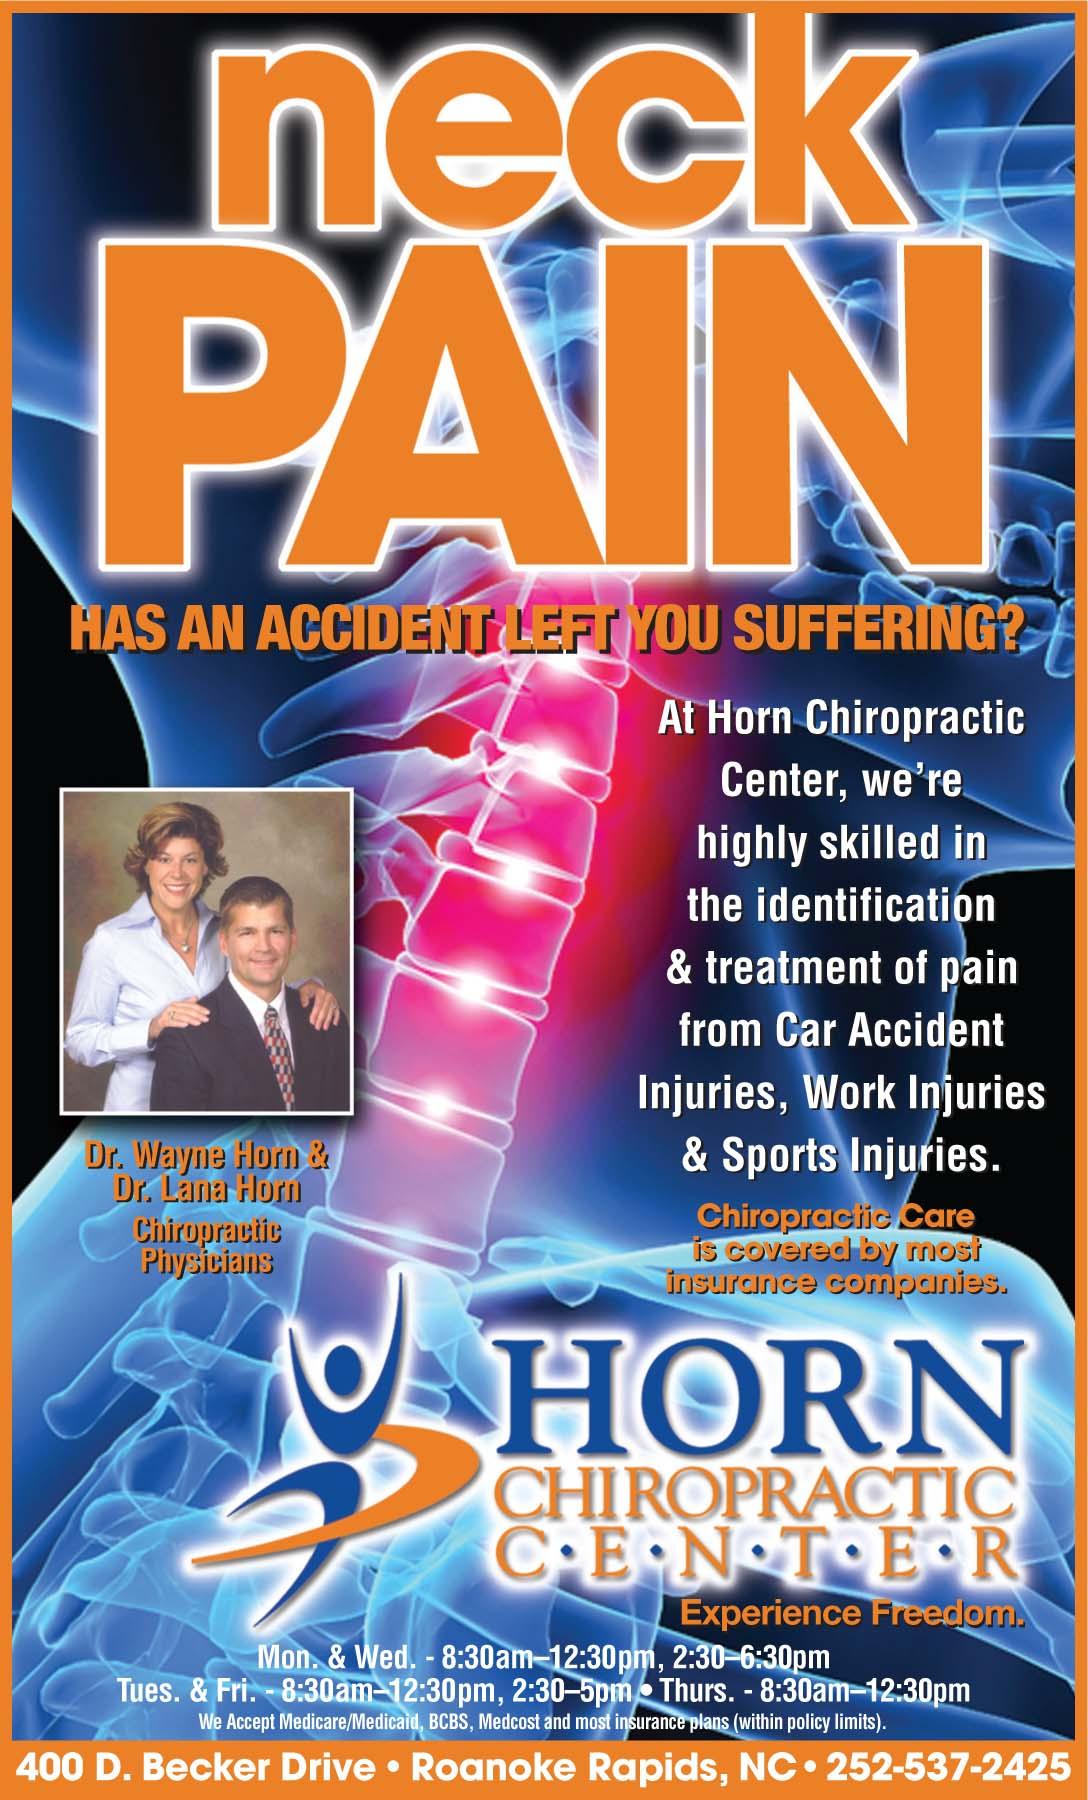 Horn Chiropractic